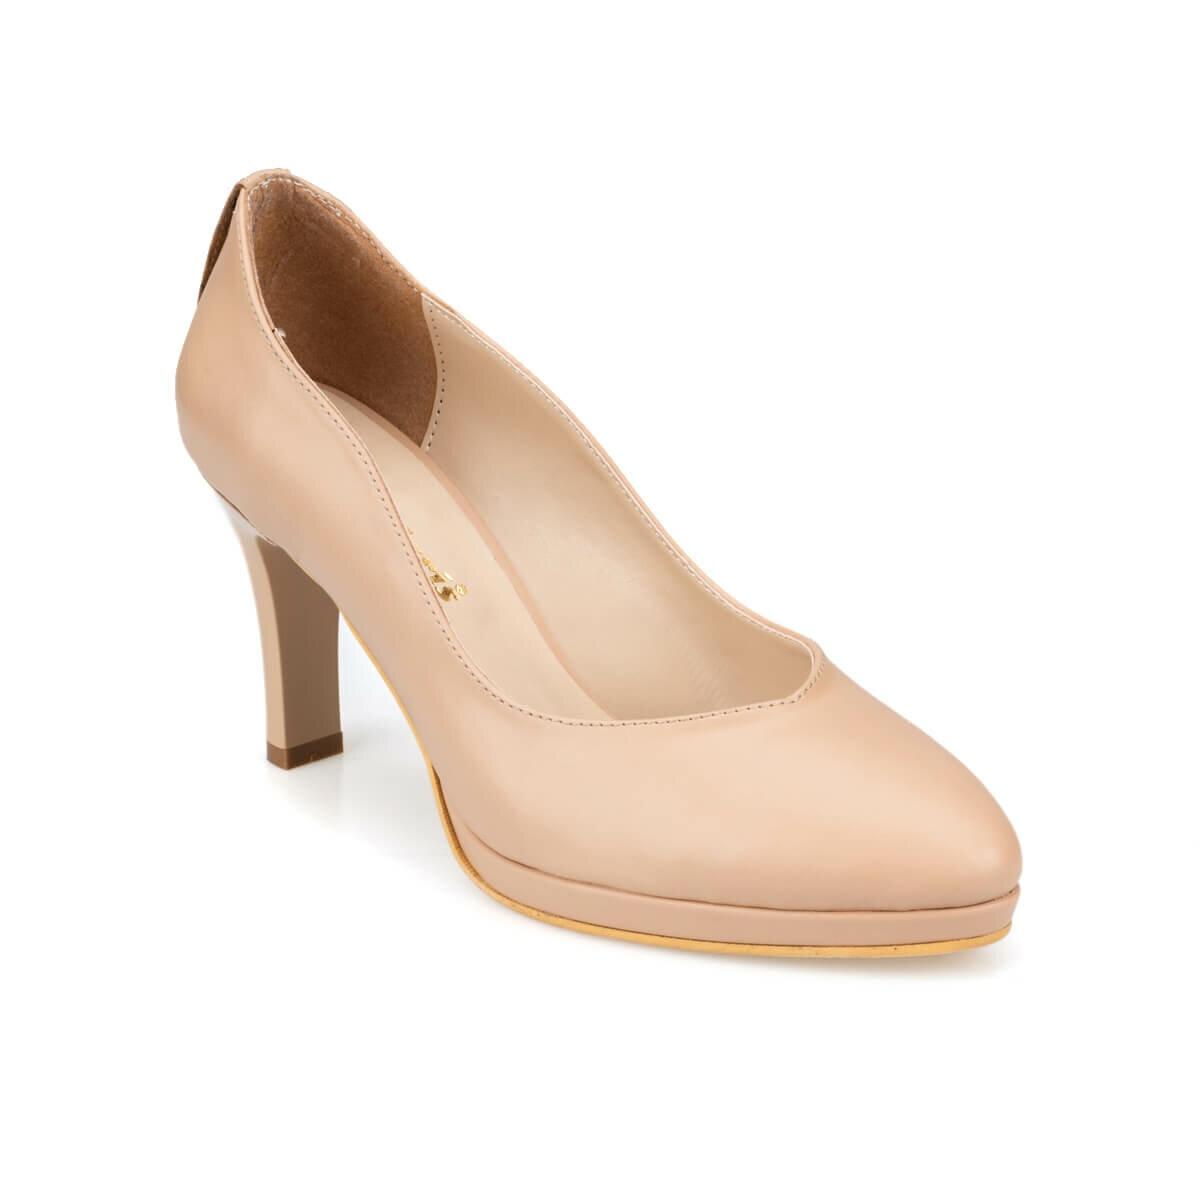 FLO 91.313141.Z Beige Women 'S Shoes Polaris